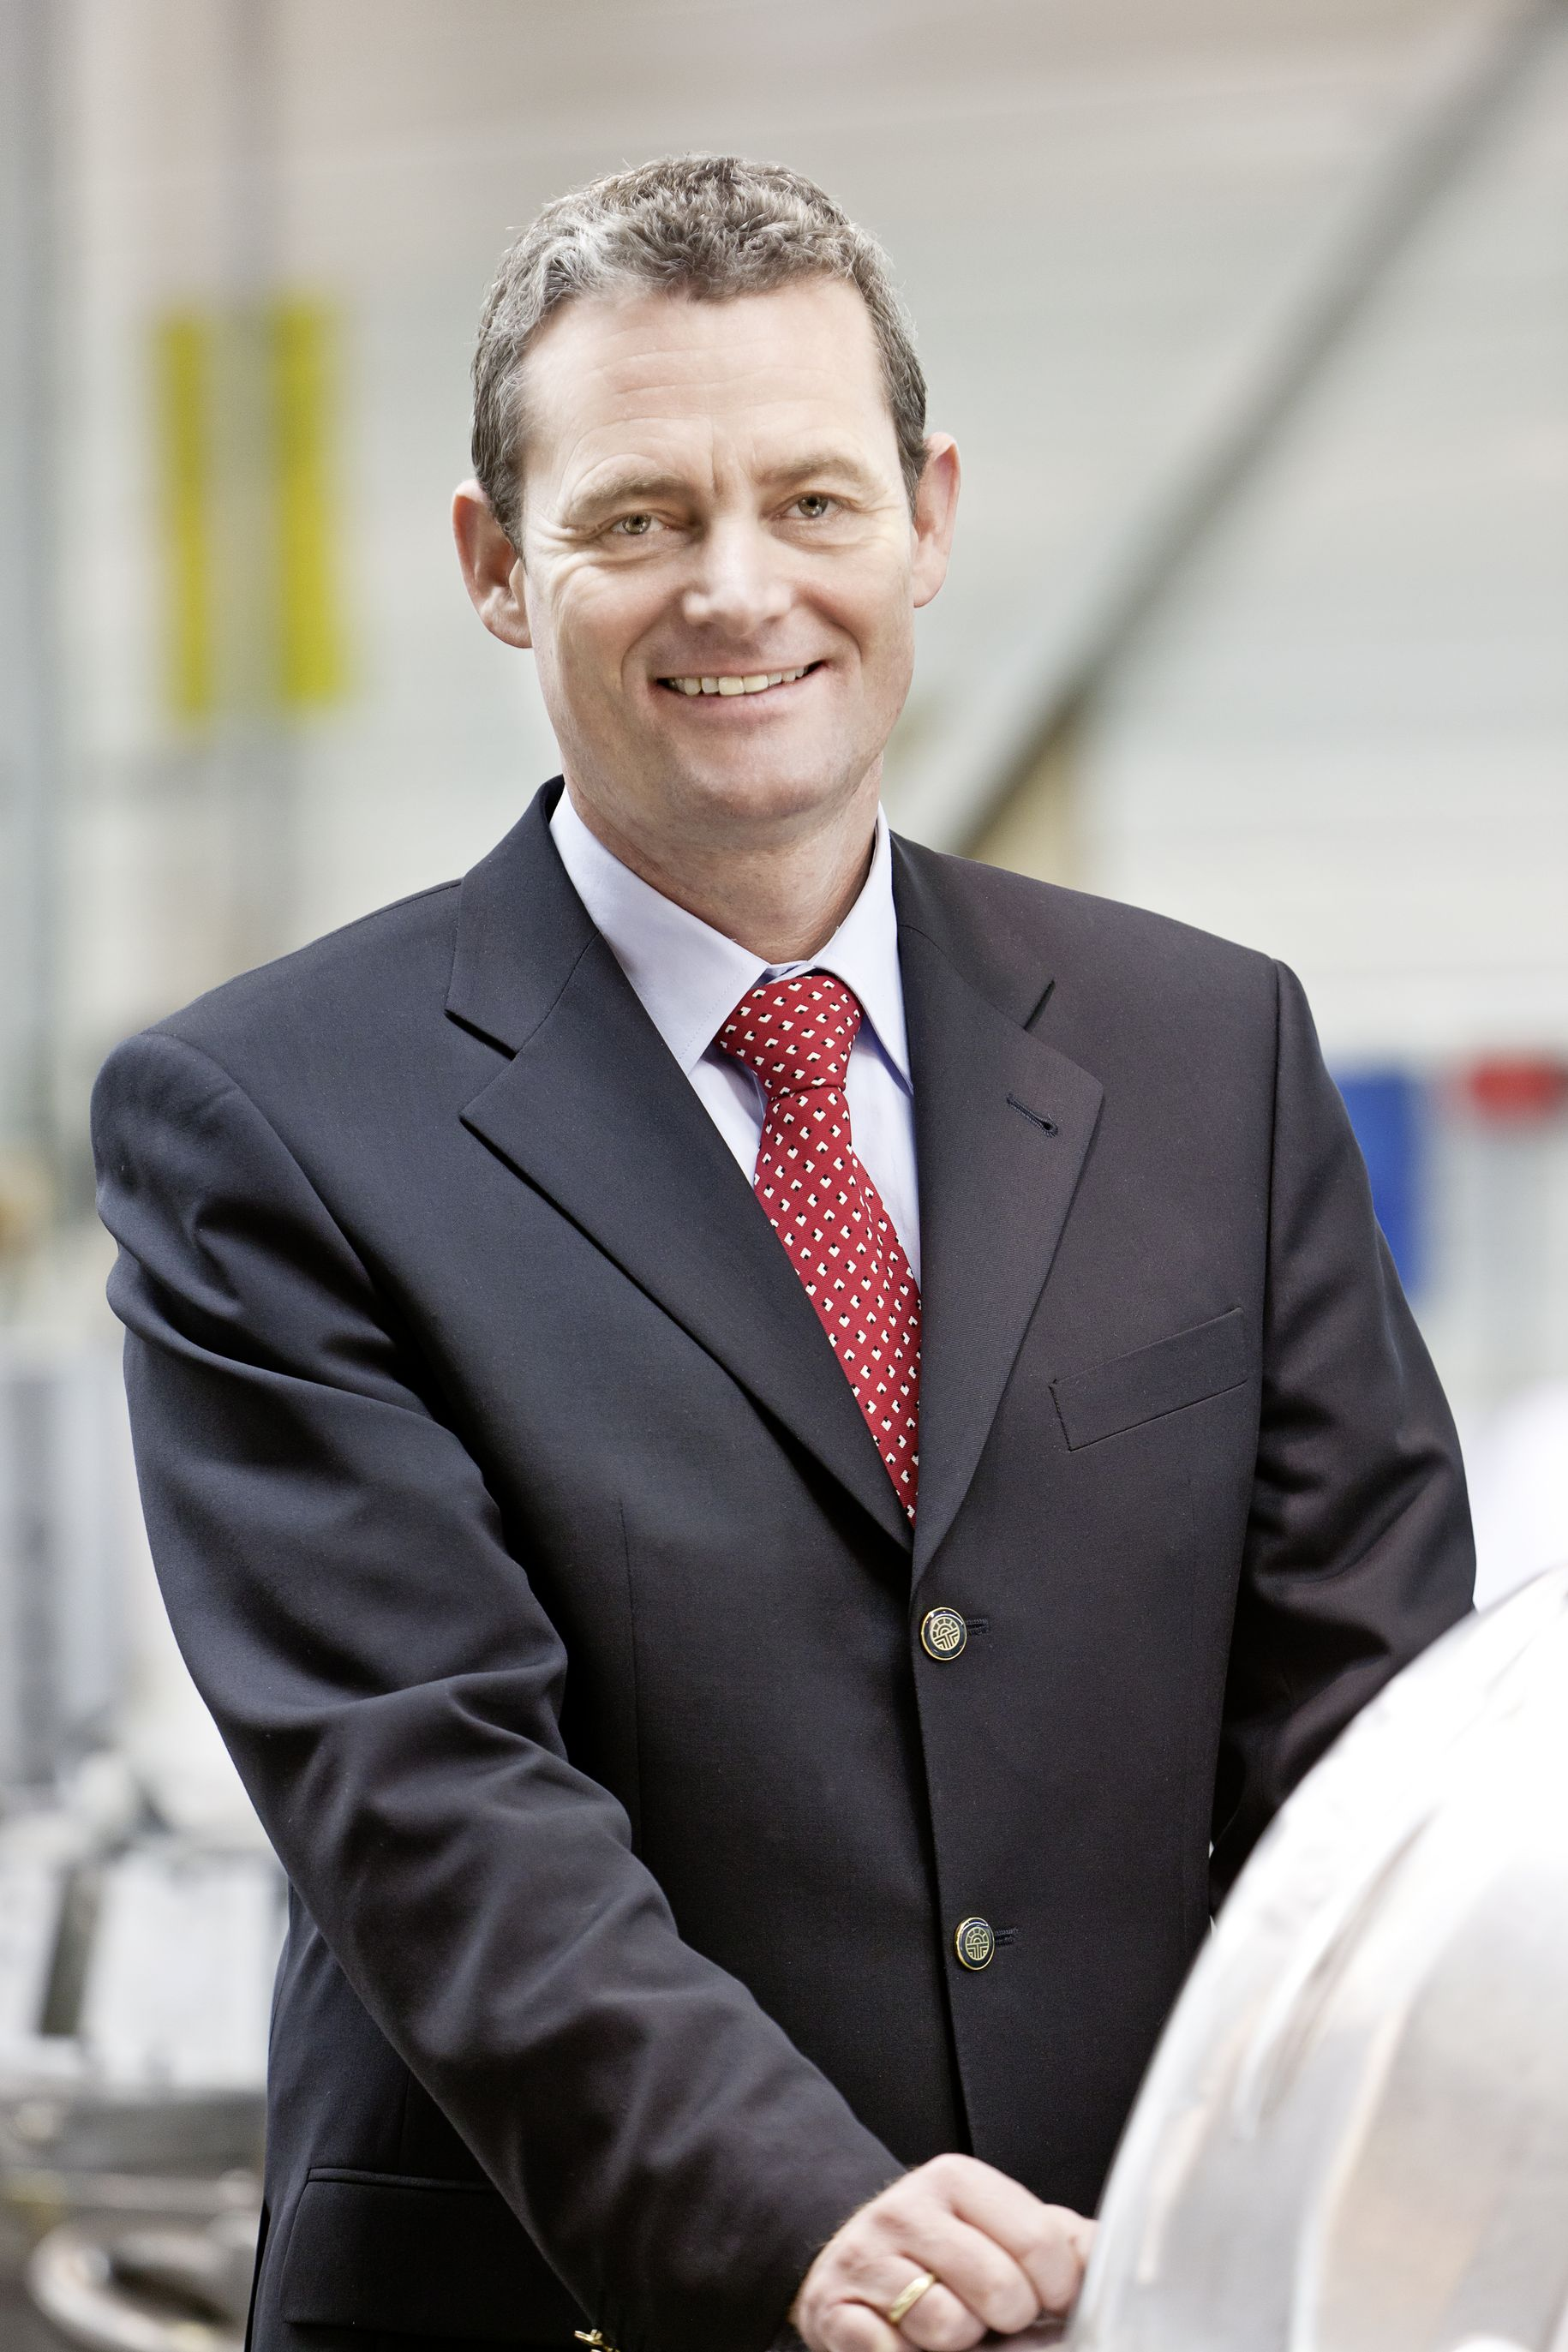 Christian Siebenwurst, Geschäftsführender Gesellschafter Christian Karl Siebenwurst GmbH & Co. KG